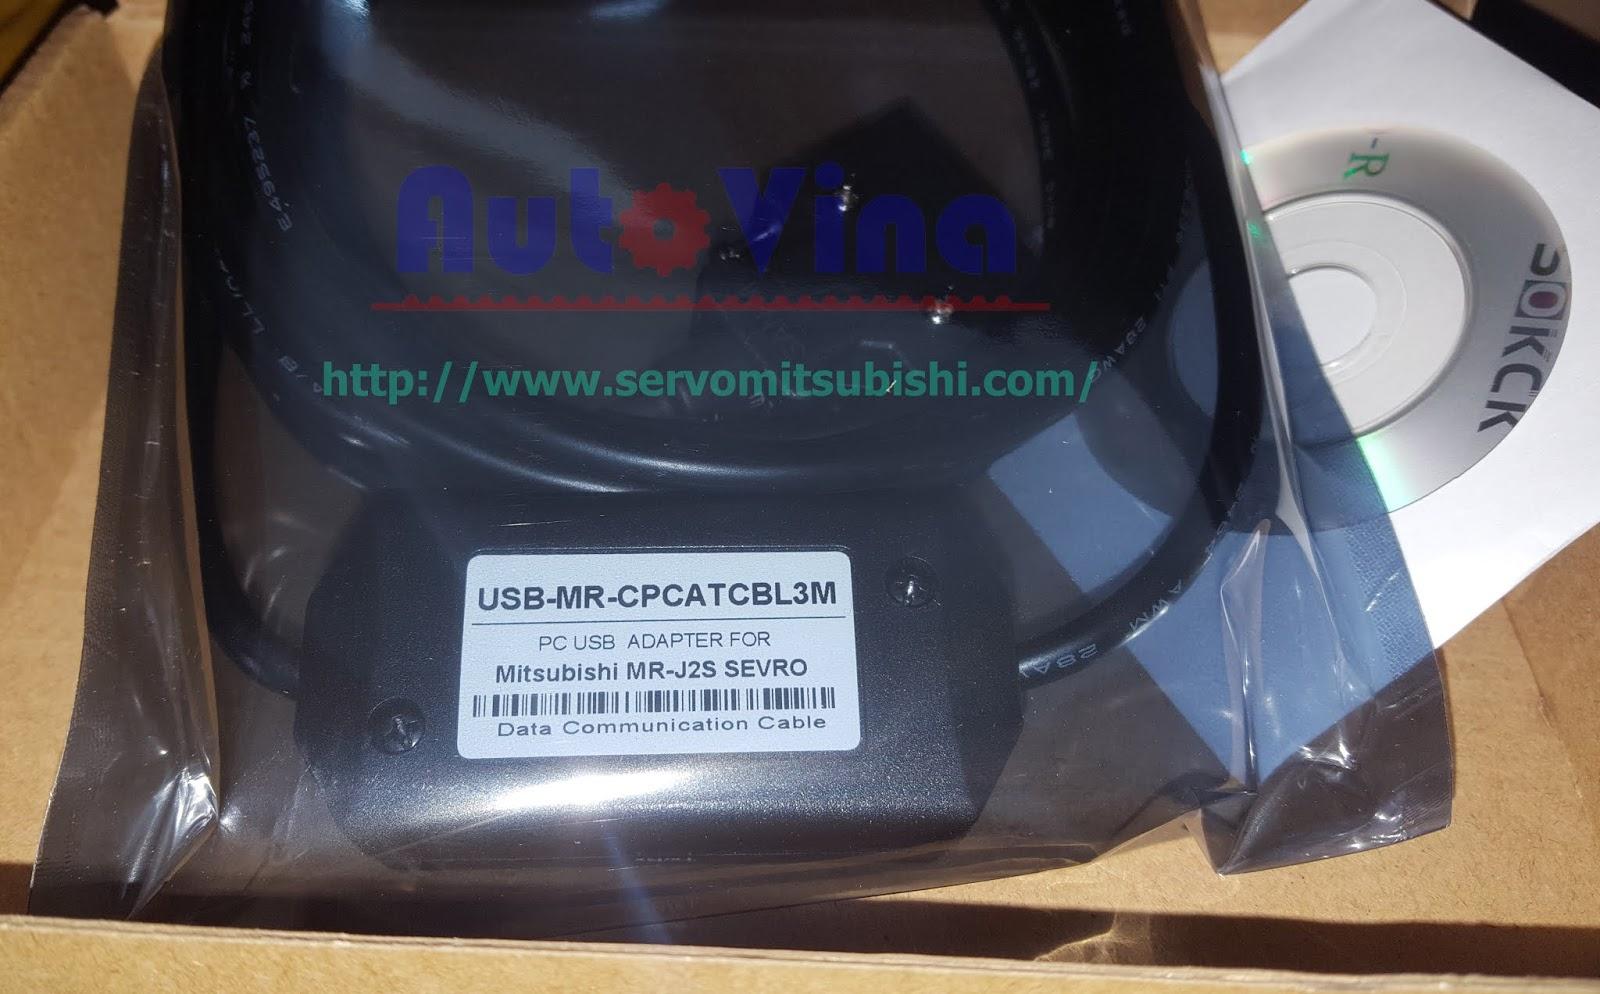 Đại lý bán USB-MR-CCATCBL3M cable kết nối Servo Mitsubishi MR-J2 và MR-J2S